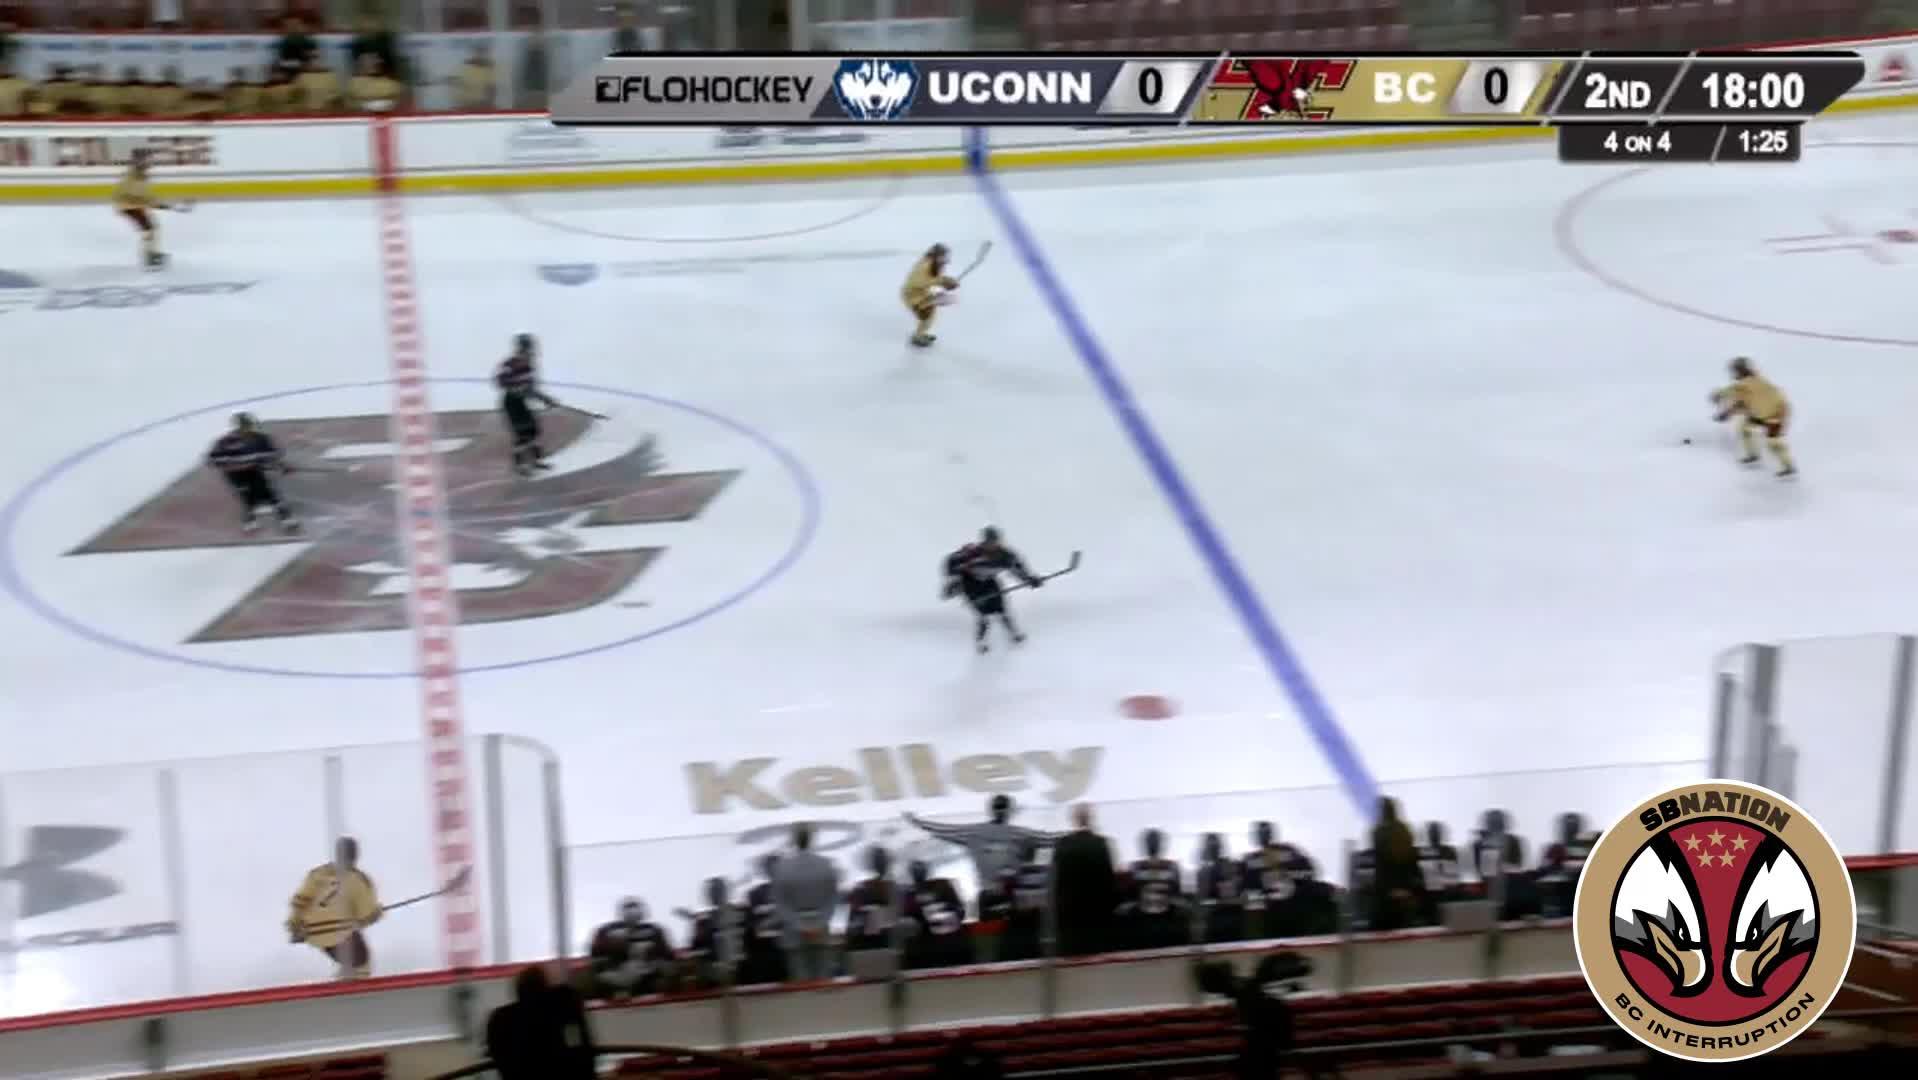 hockey, 1 Belinskas (W) UConn 3/1/19 GIFs